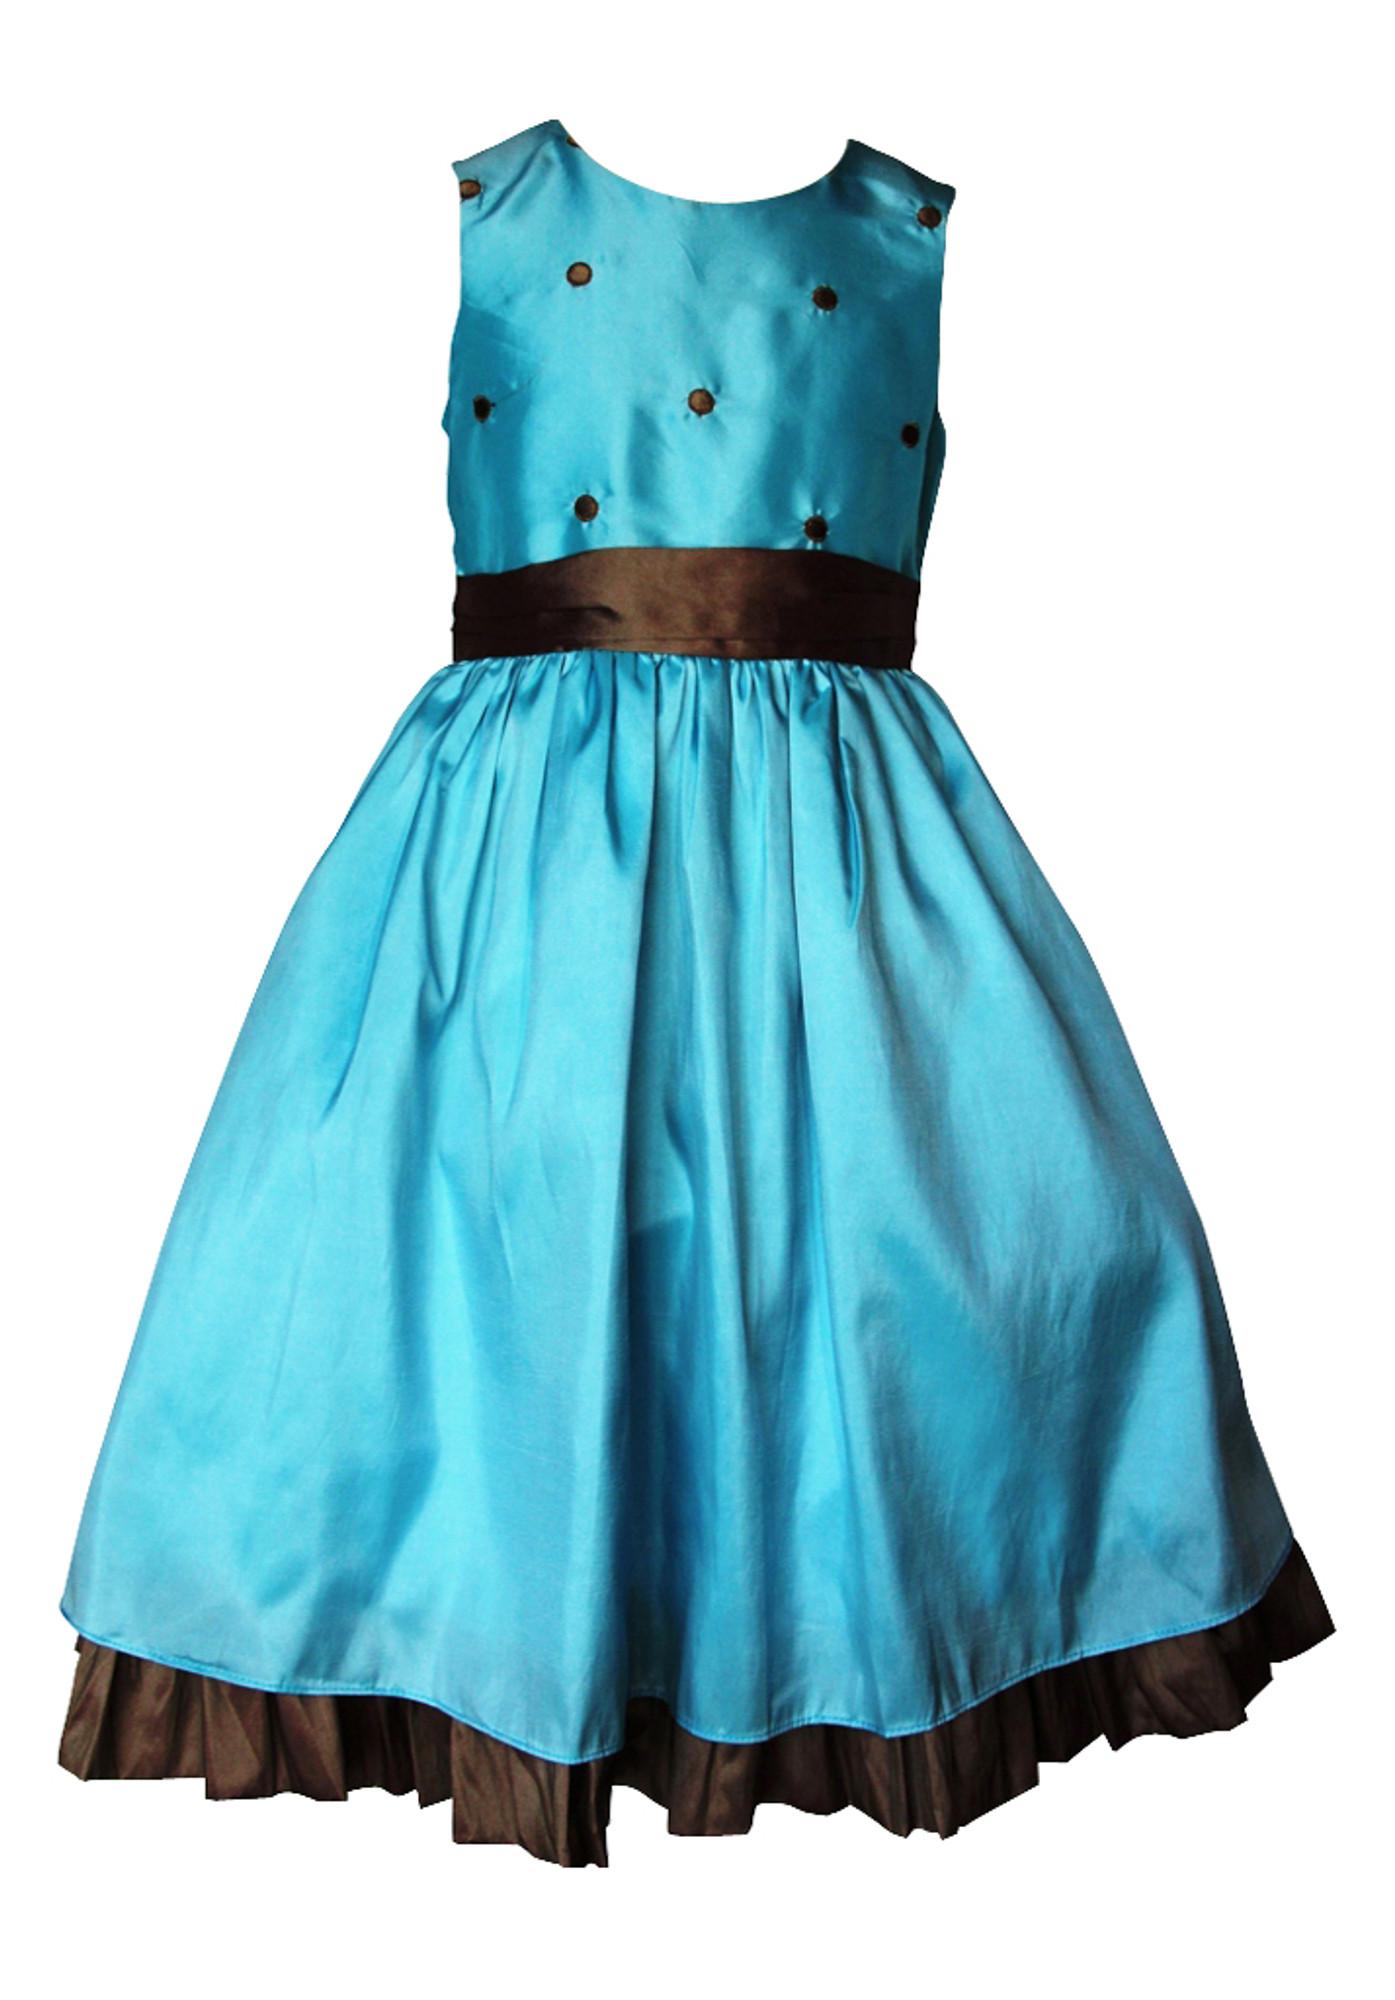 BIMARO Mädchen Kleid Bella türkis blau Punkte Blumenmädchenkleid Hochzeit Weihnachten festlich